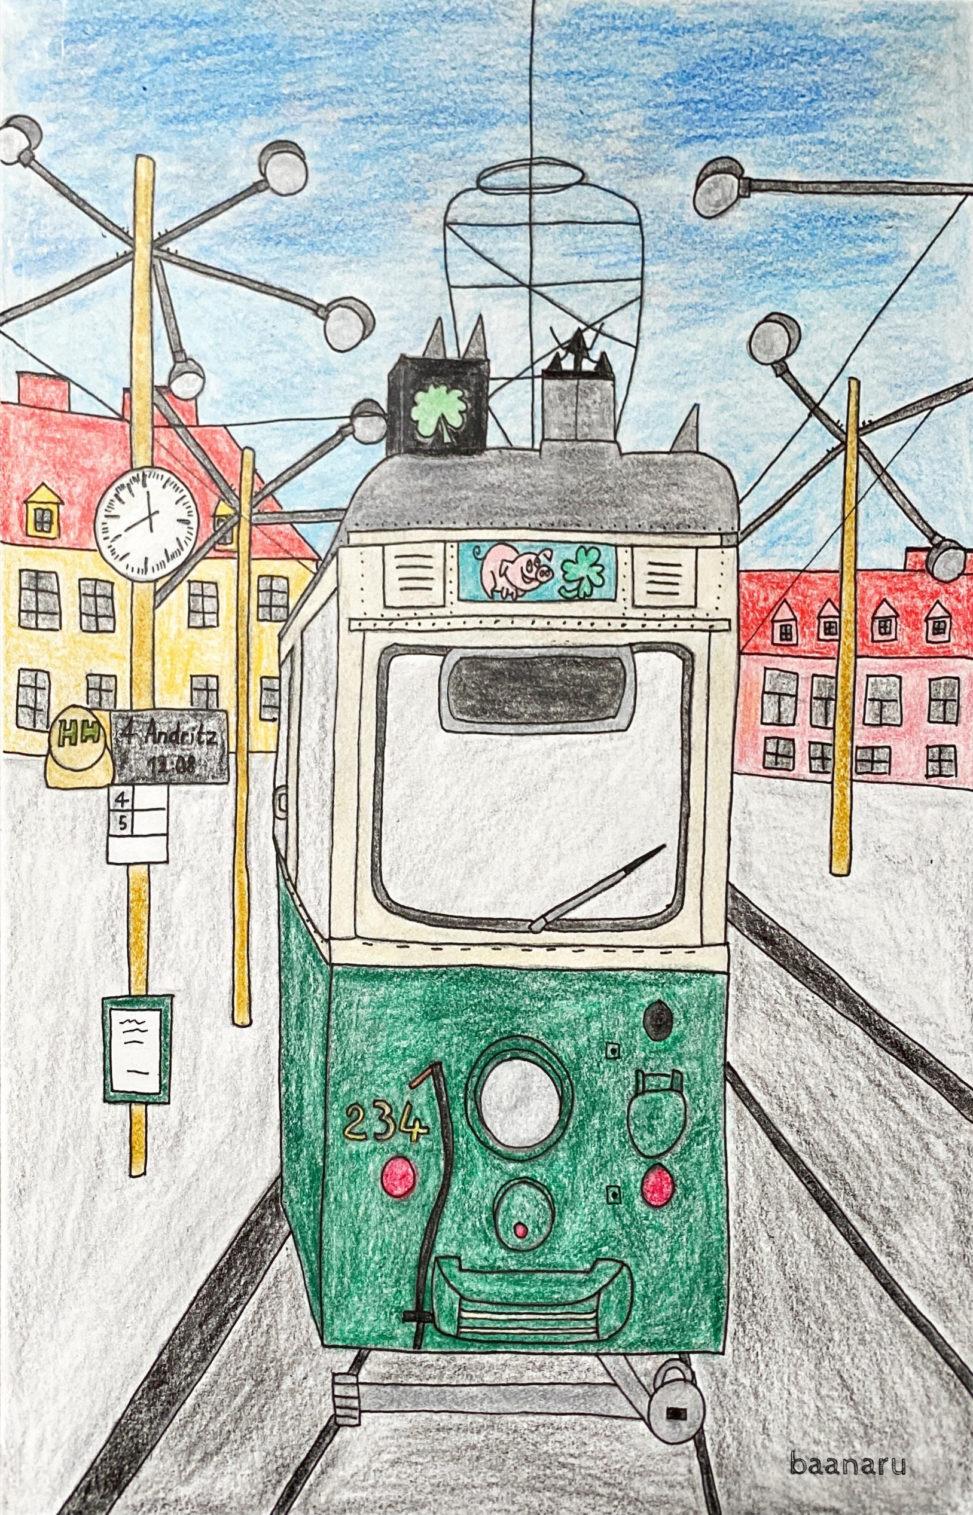 グラーツの路面電車